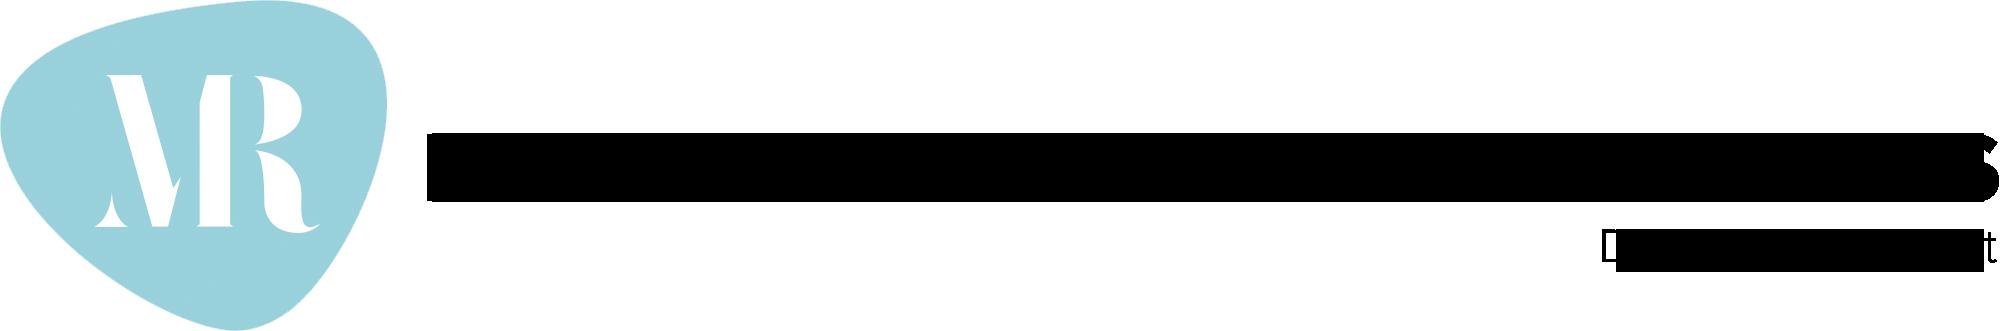 dr.-mr-derm-logo